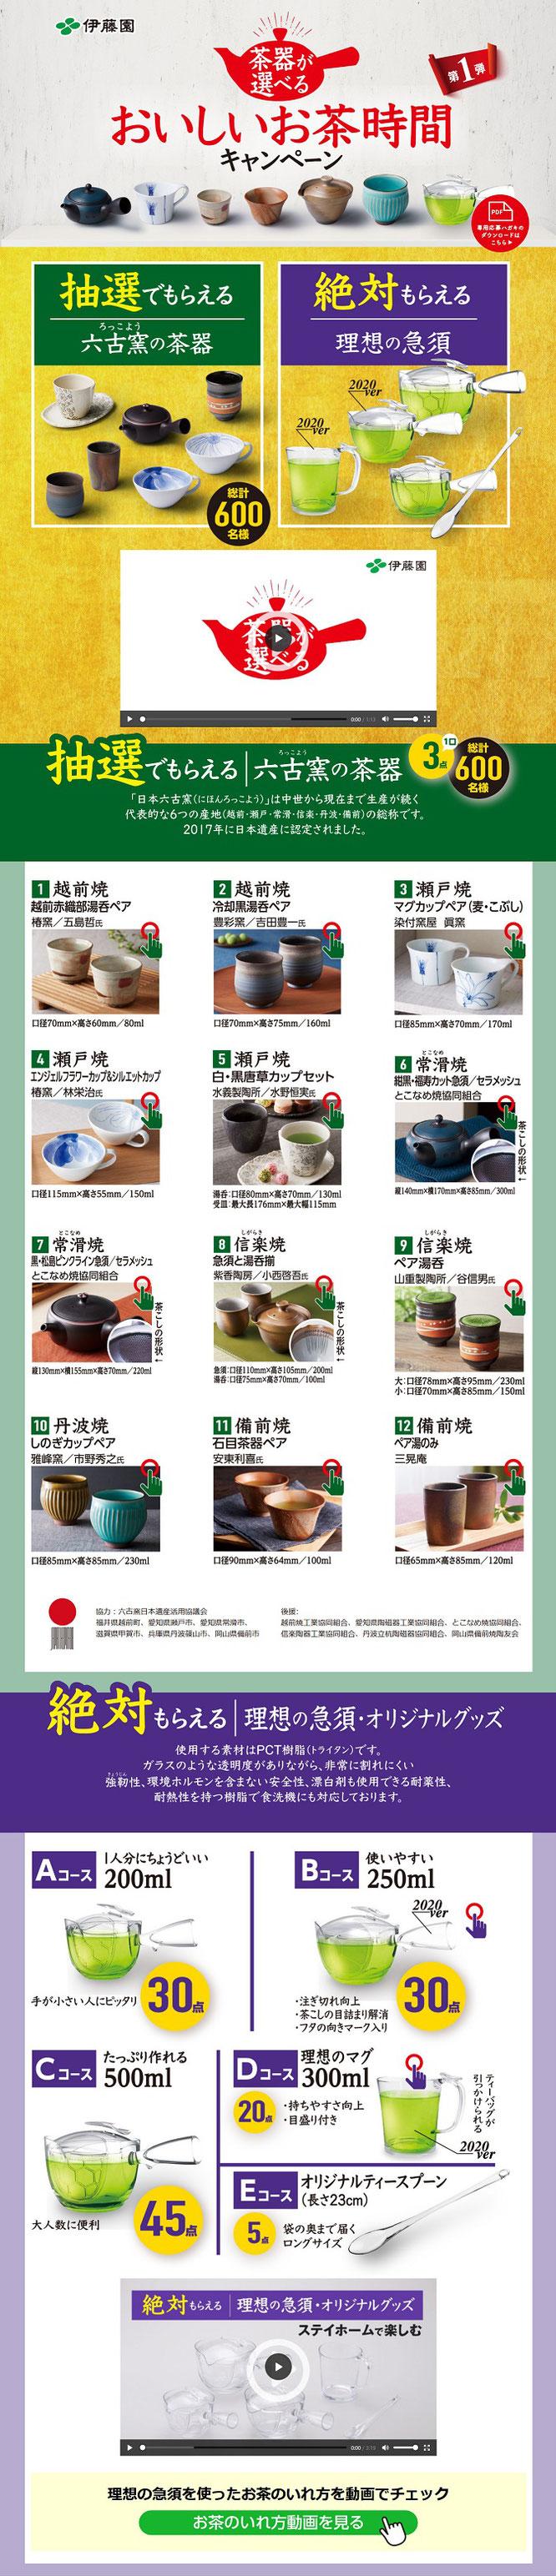 【伊藤園】茶器が選べるおいしいお茶時間キャンペーン